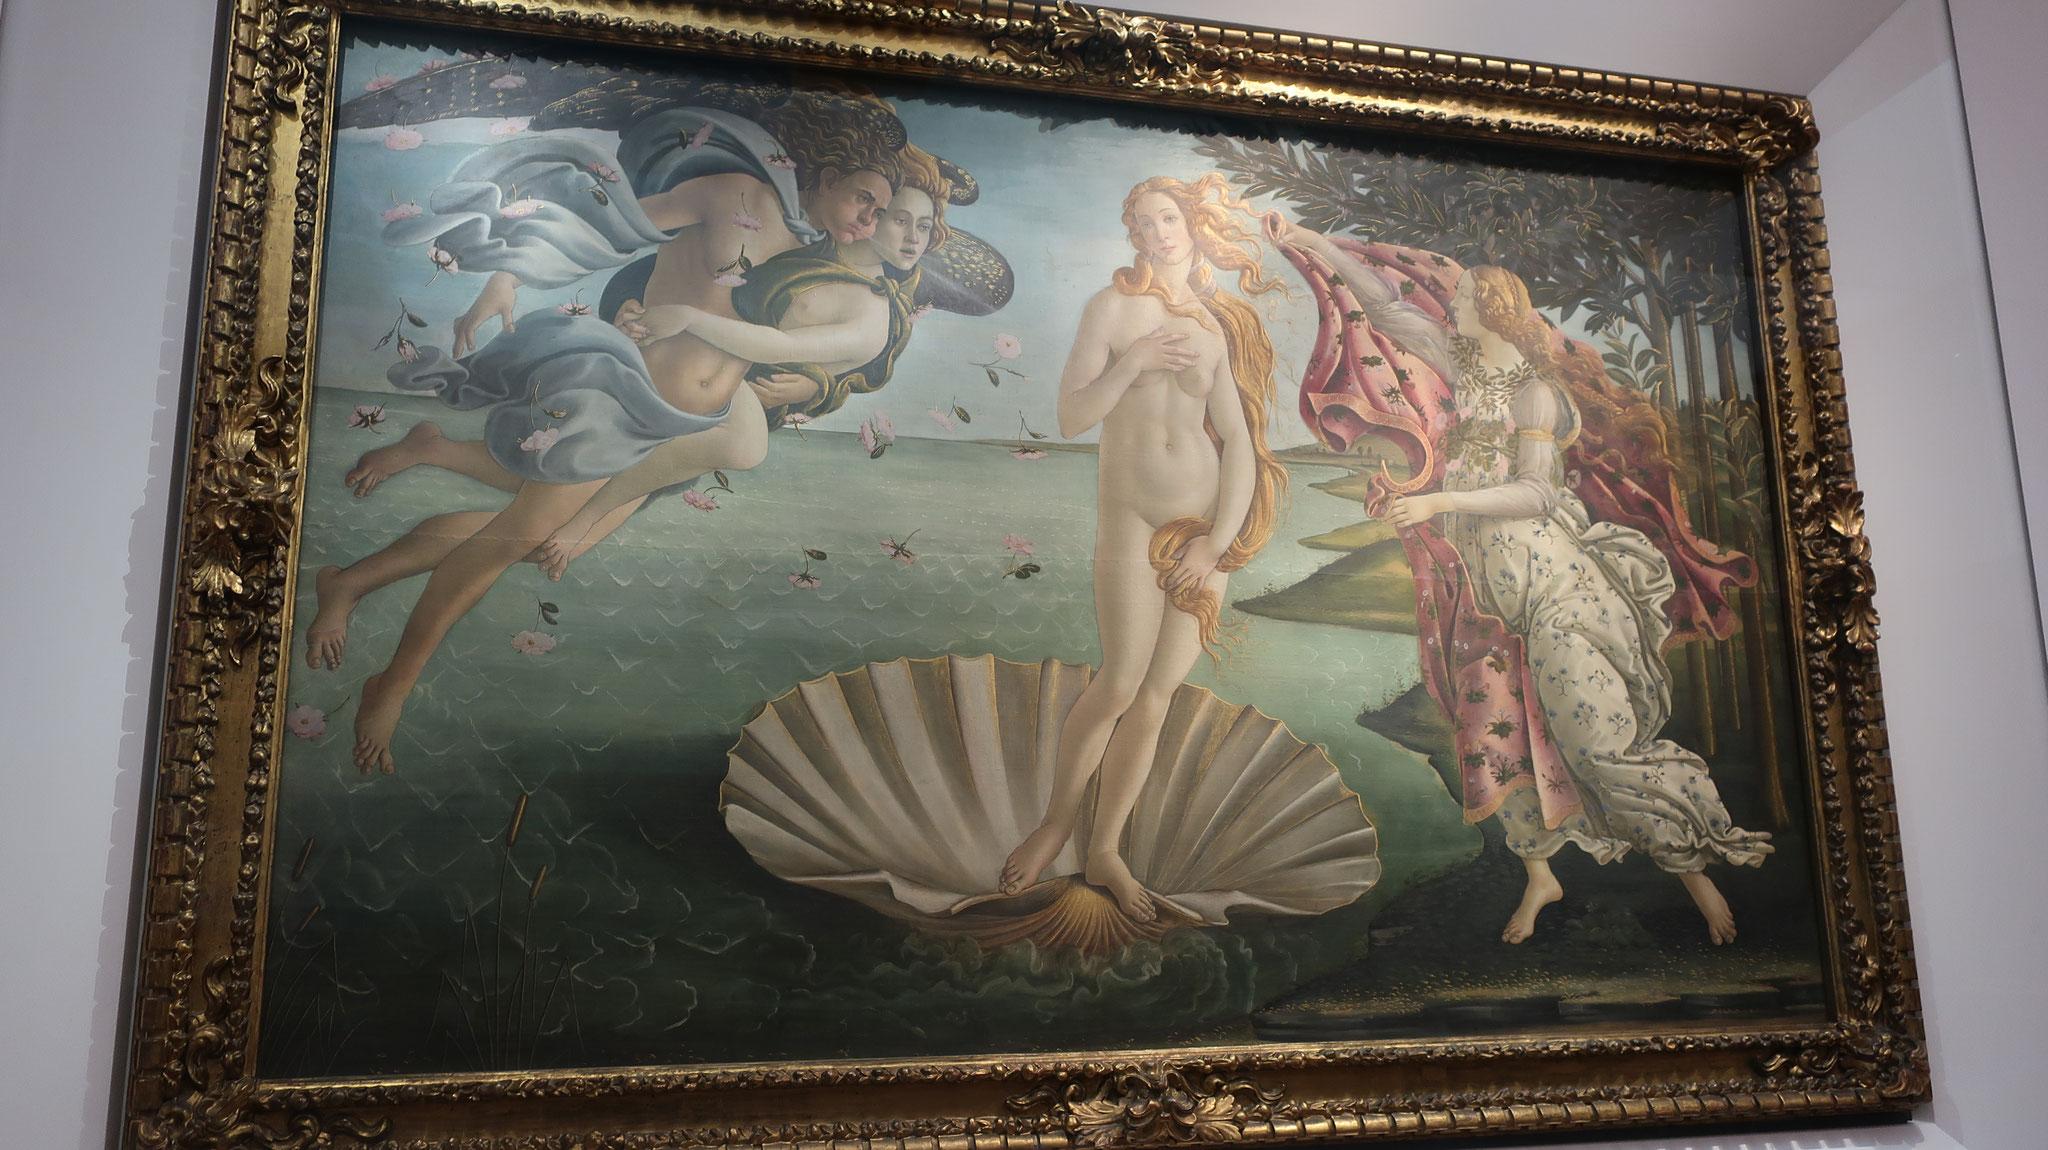 「ヴィーナスの誕生」。「春」と同じくボッティチェリ作。メディチ家の最盛期を築いた豪華王ロレンツォの弟であり、暗殺された貴公子ジュリアーノを偲んで描かれました。  両方の絵に見られる美の女神ヴィーナスは、彼の恋人シモネッタがモデルです。